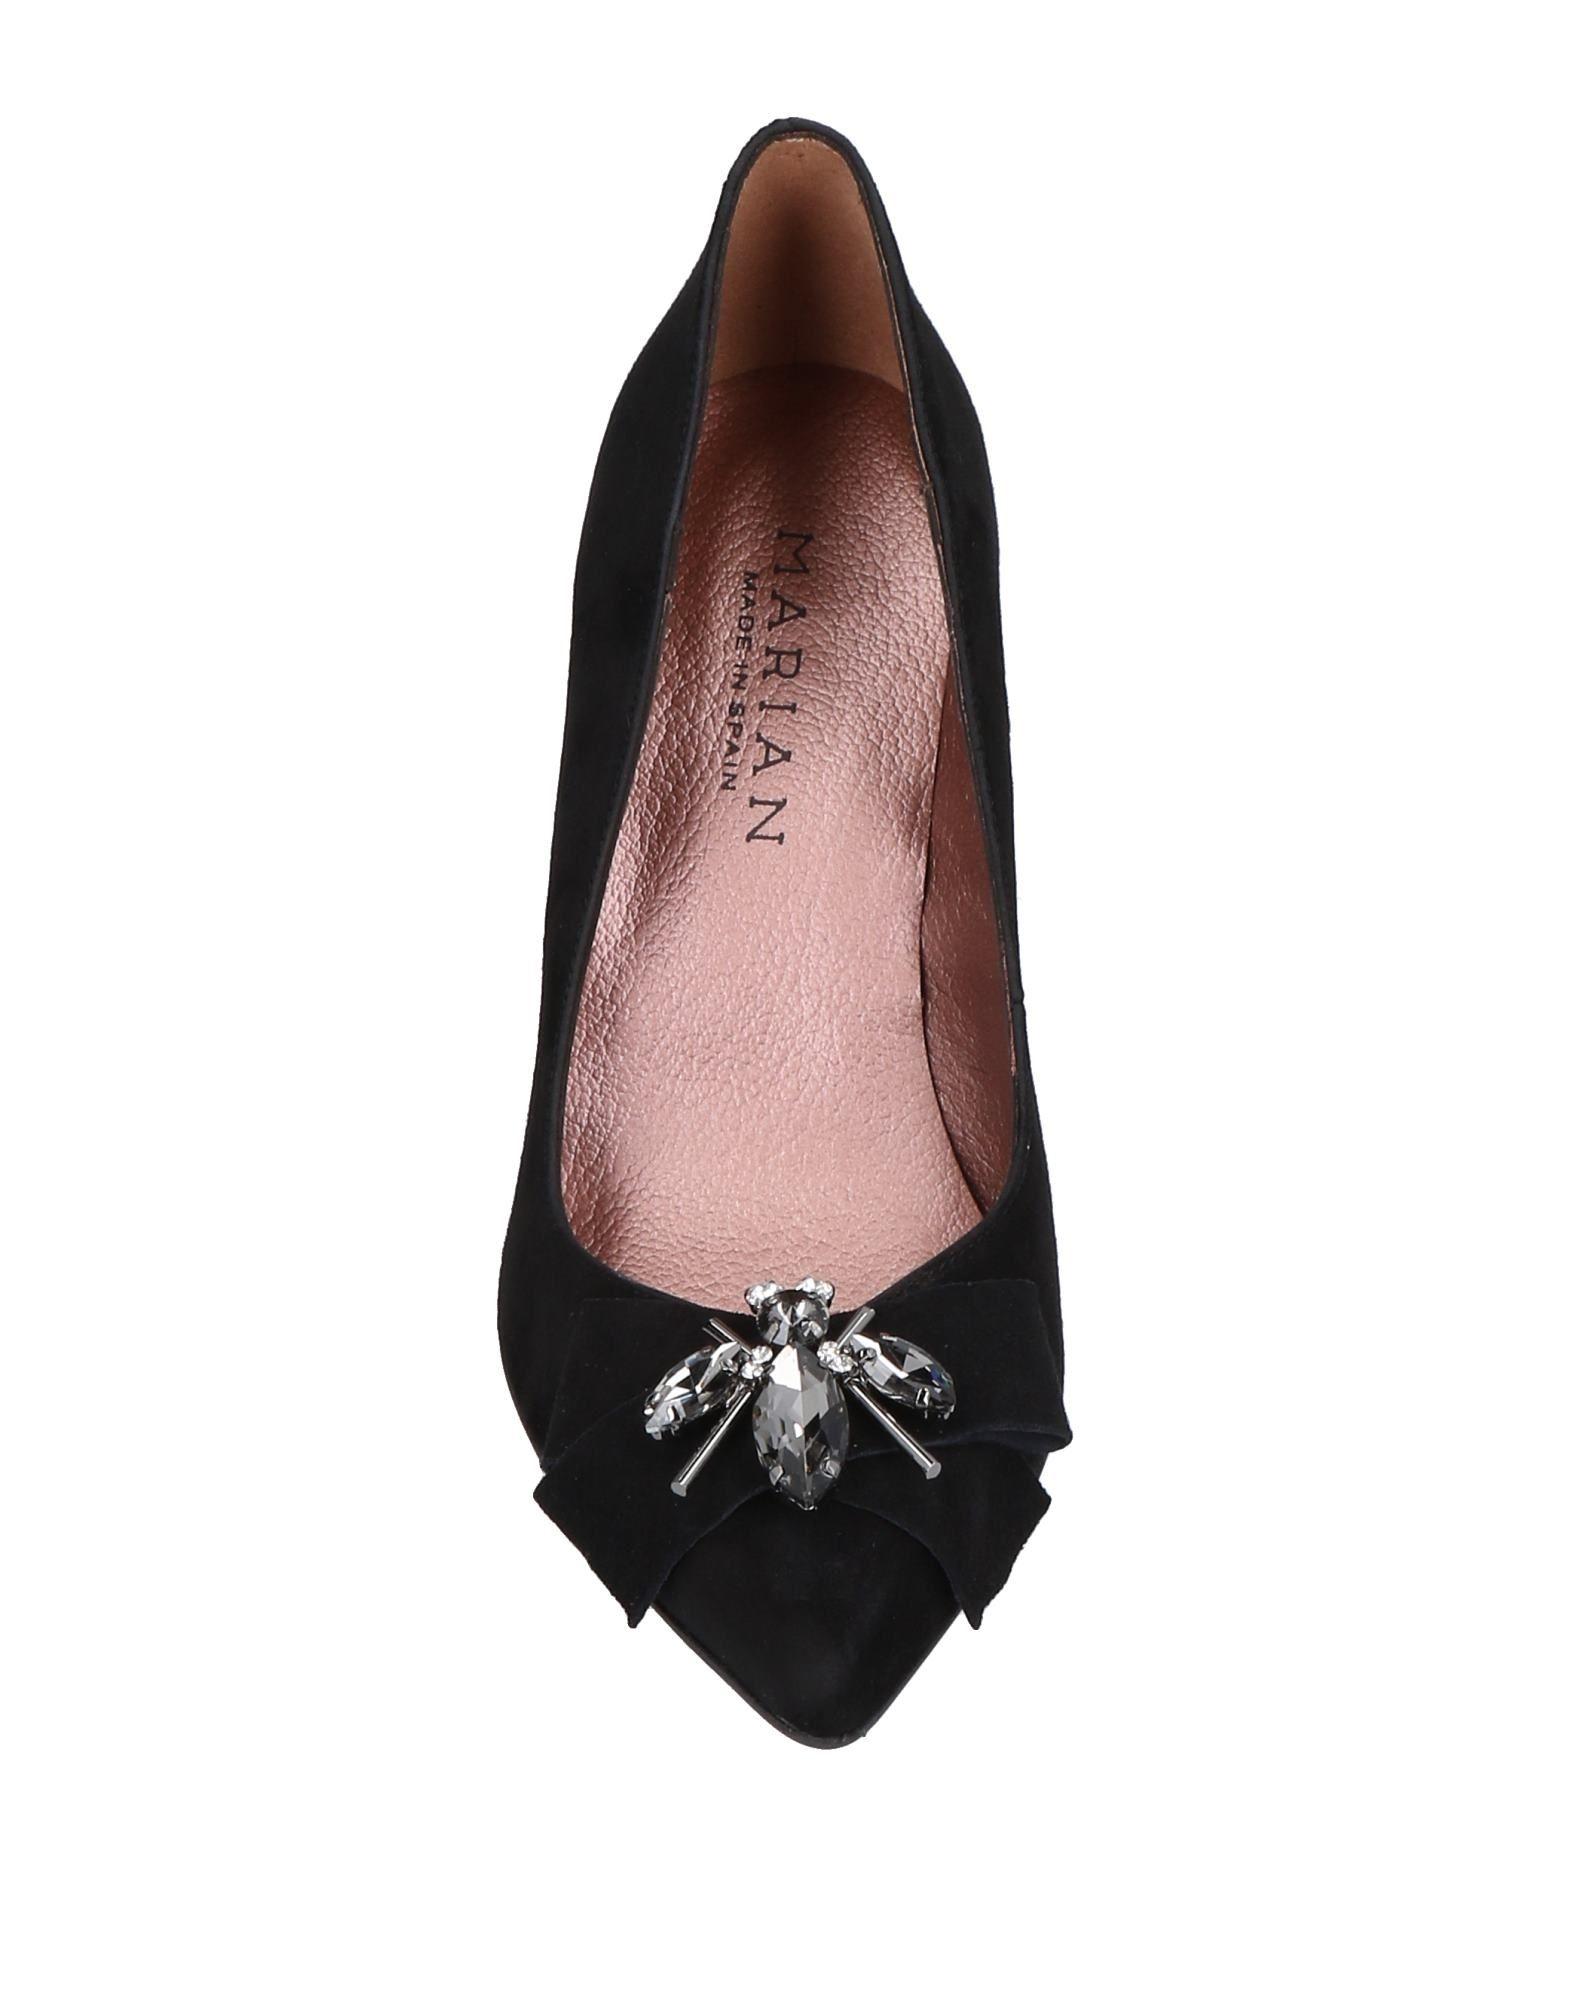 Marian Pumps Damen  11503752JM Gute Schuhe Qualität beliebte Schuhe Gute e3c595